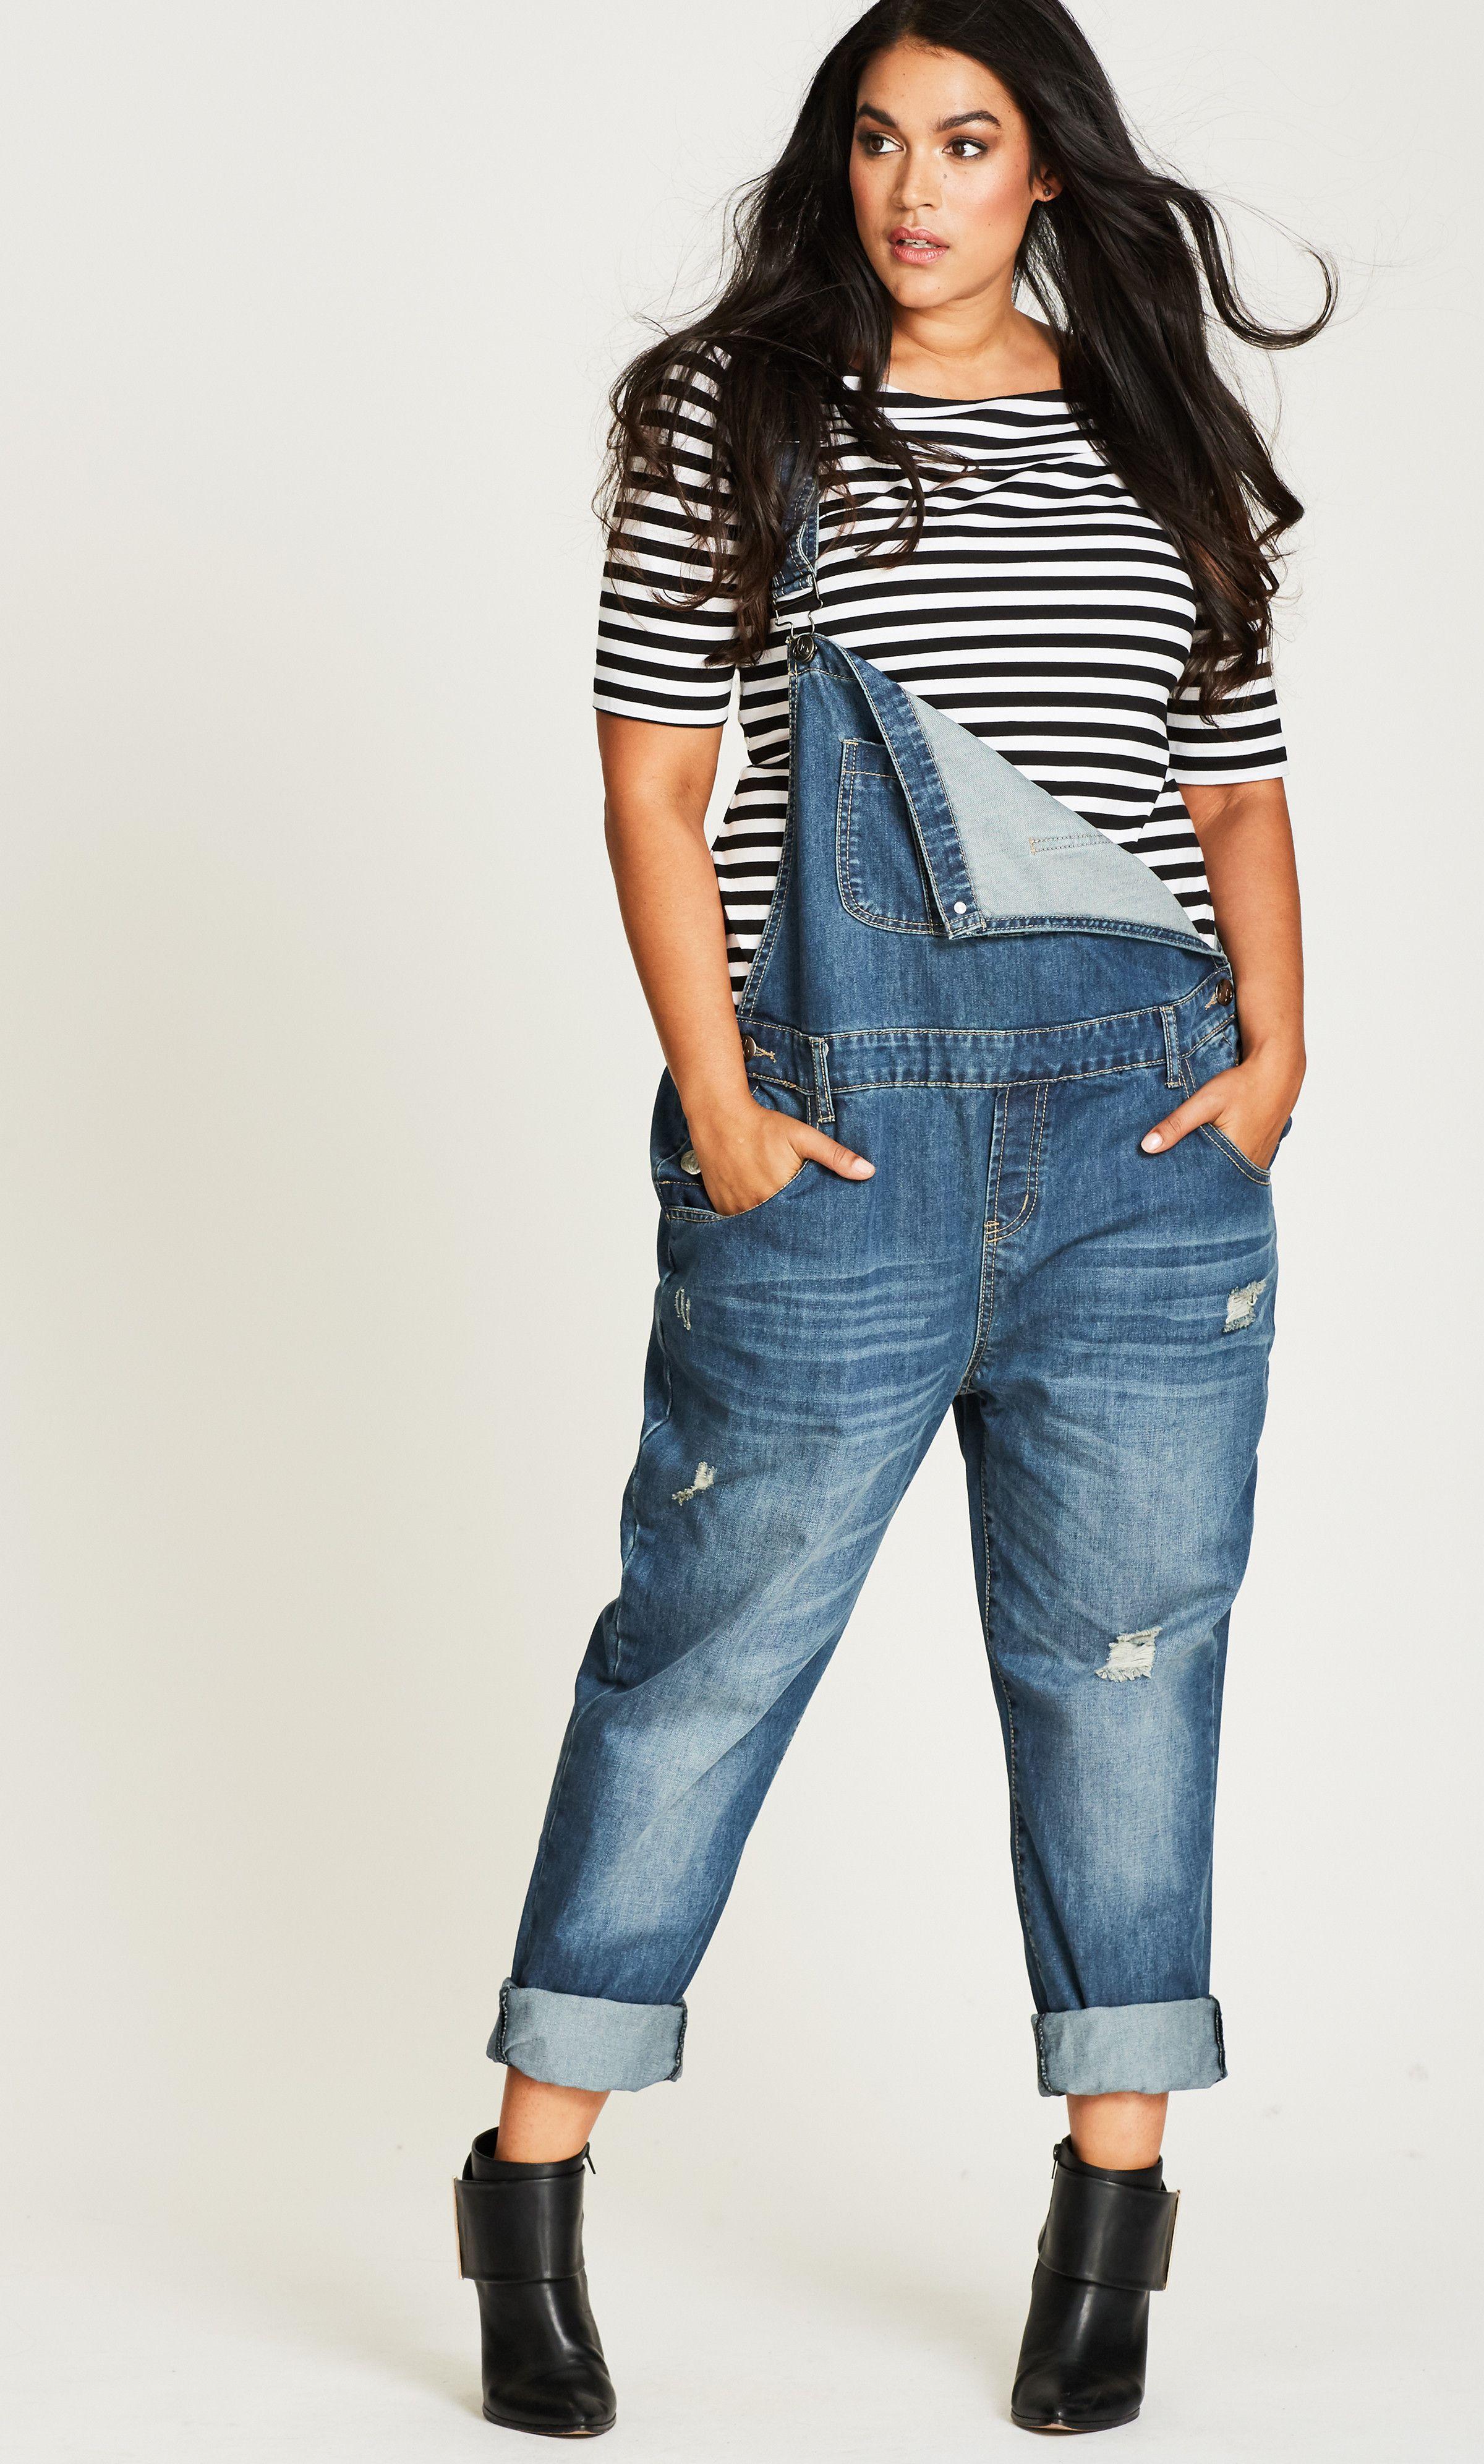 756e18d8ad8 Shop Women s Plus Size Women s Plus Size Jean Over-it-All!